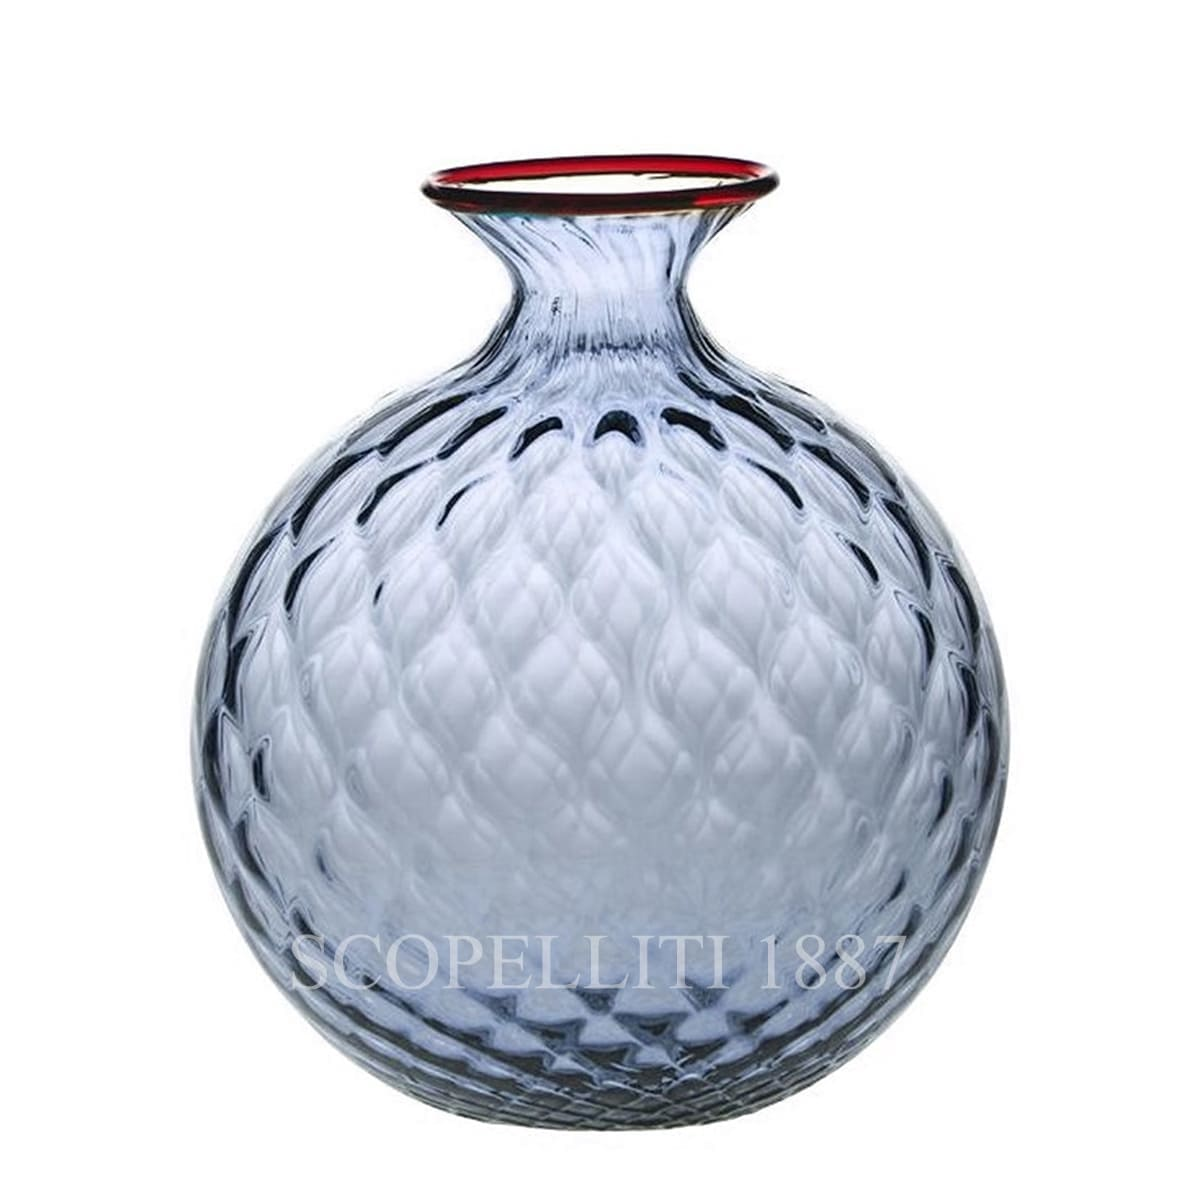 venini murano glass italian monofiore balloton vase limited edition grape